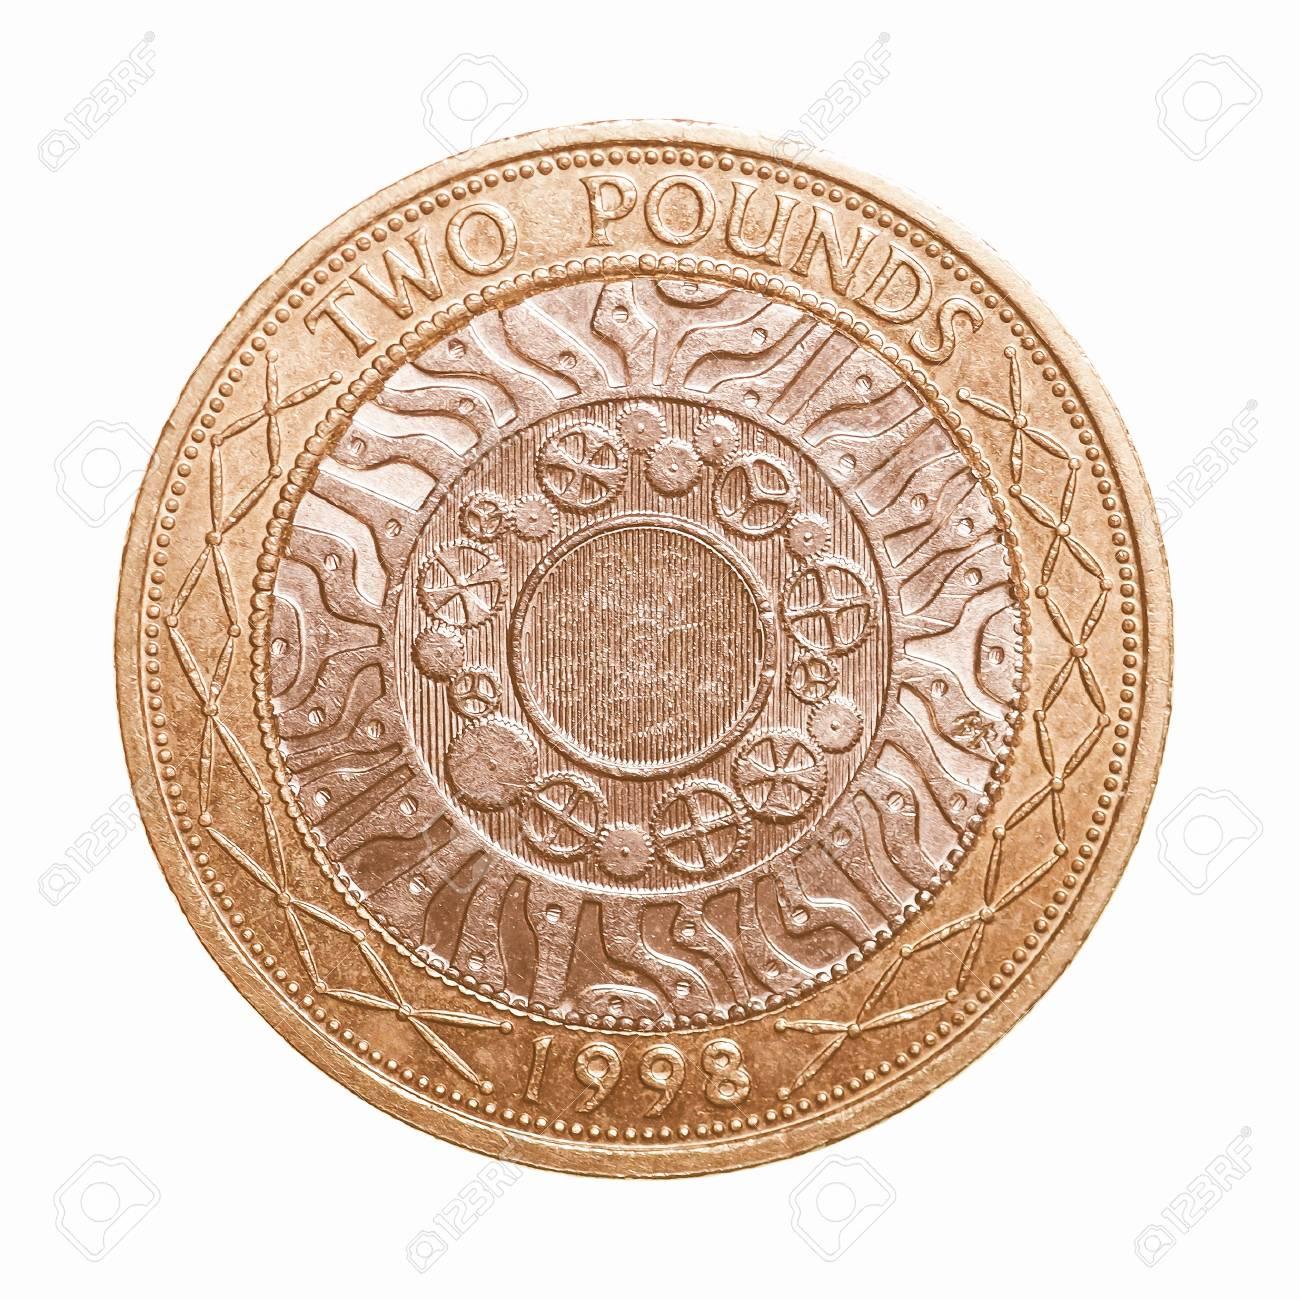 Pfund Münze 2 Pfund Währung Des Vereinigten Königreichs über